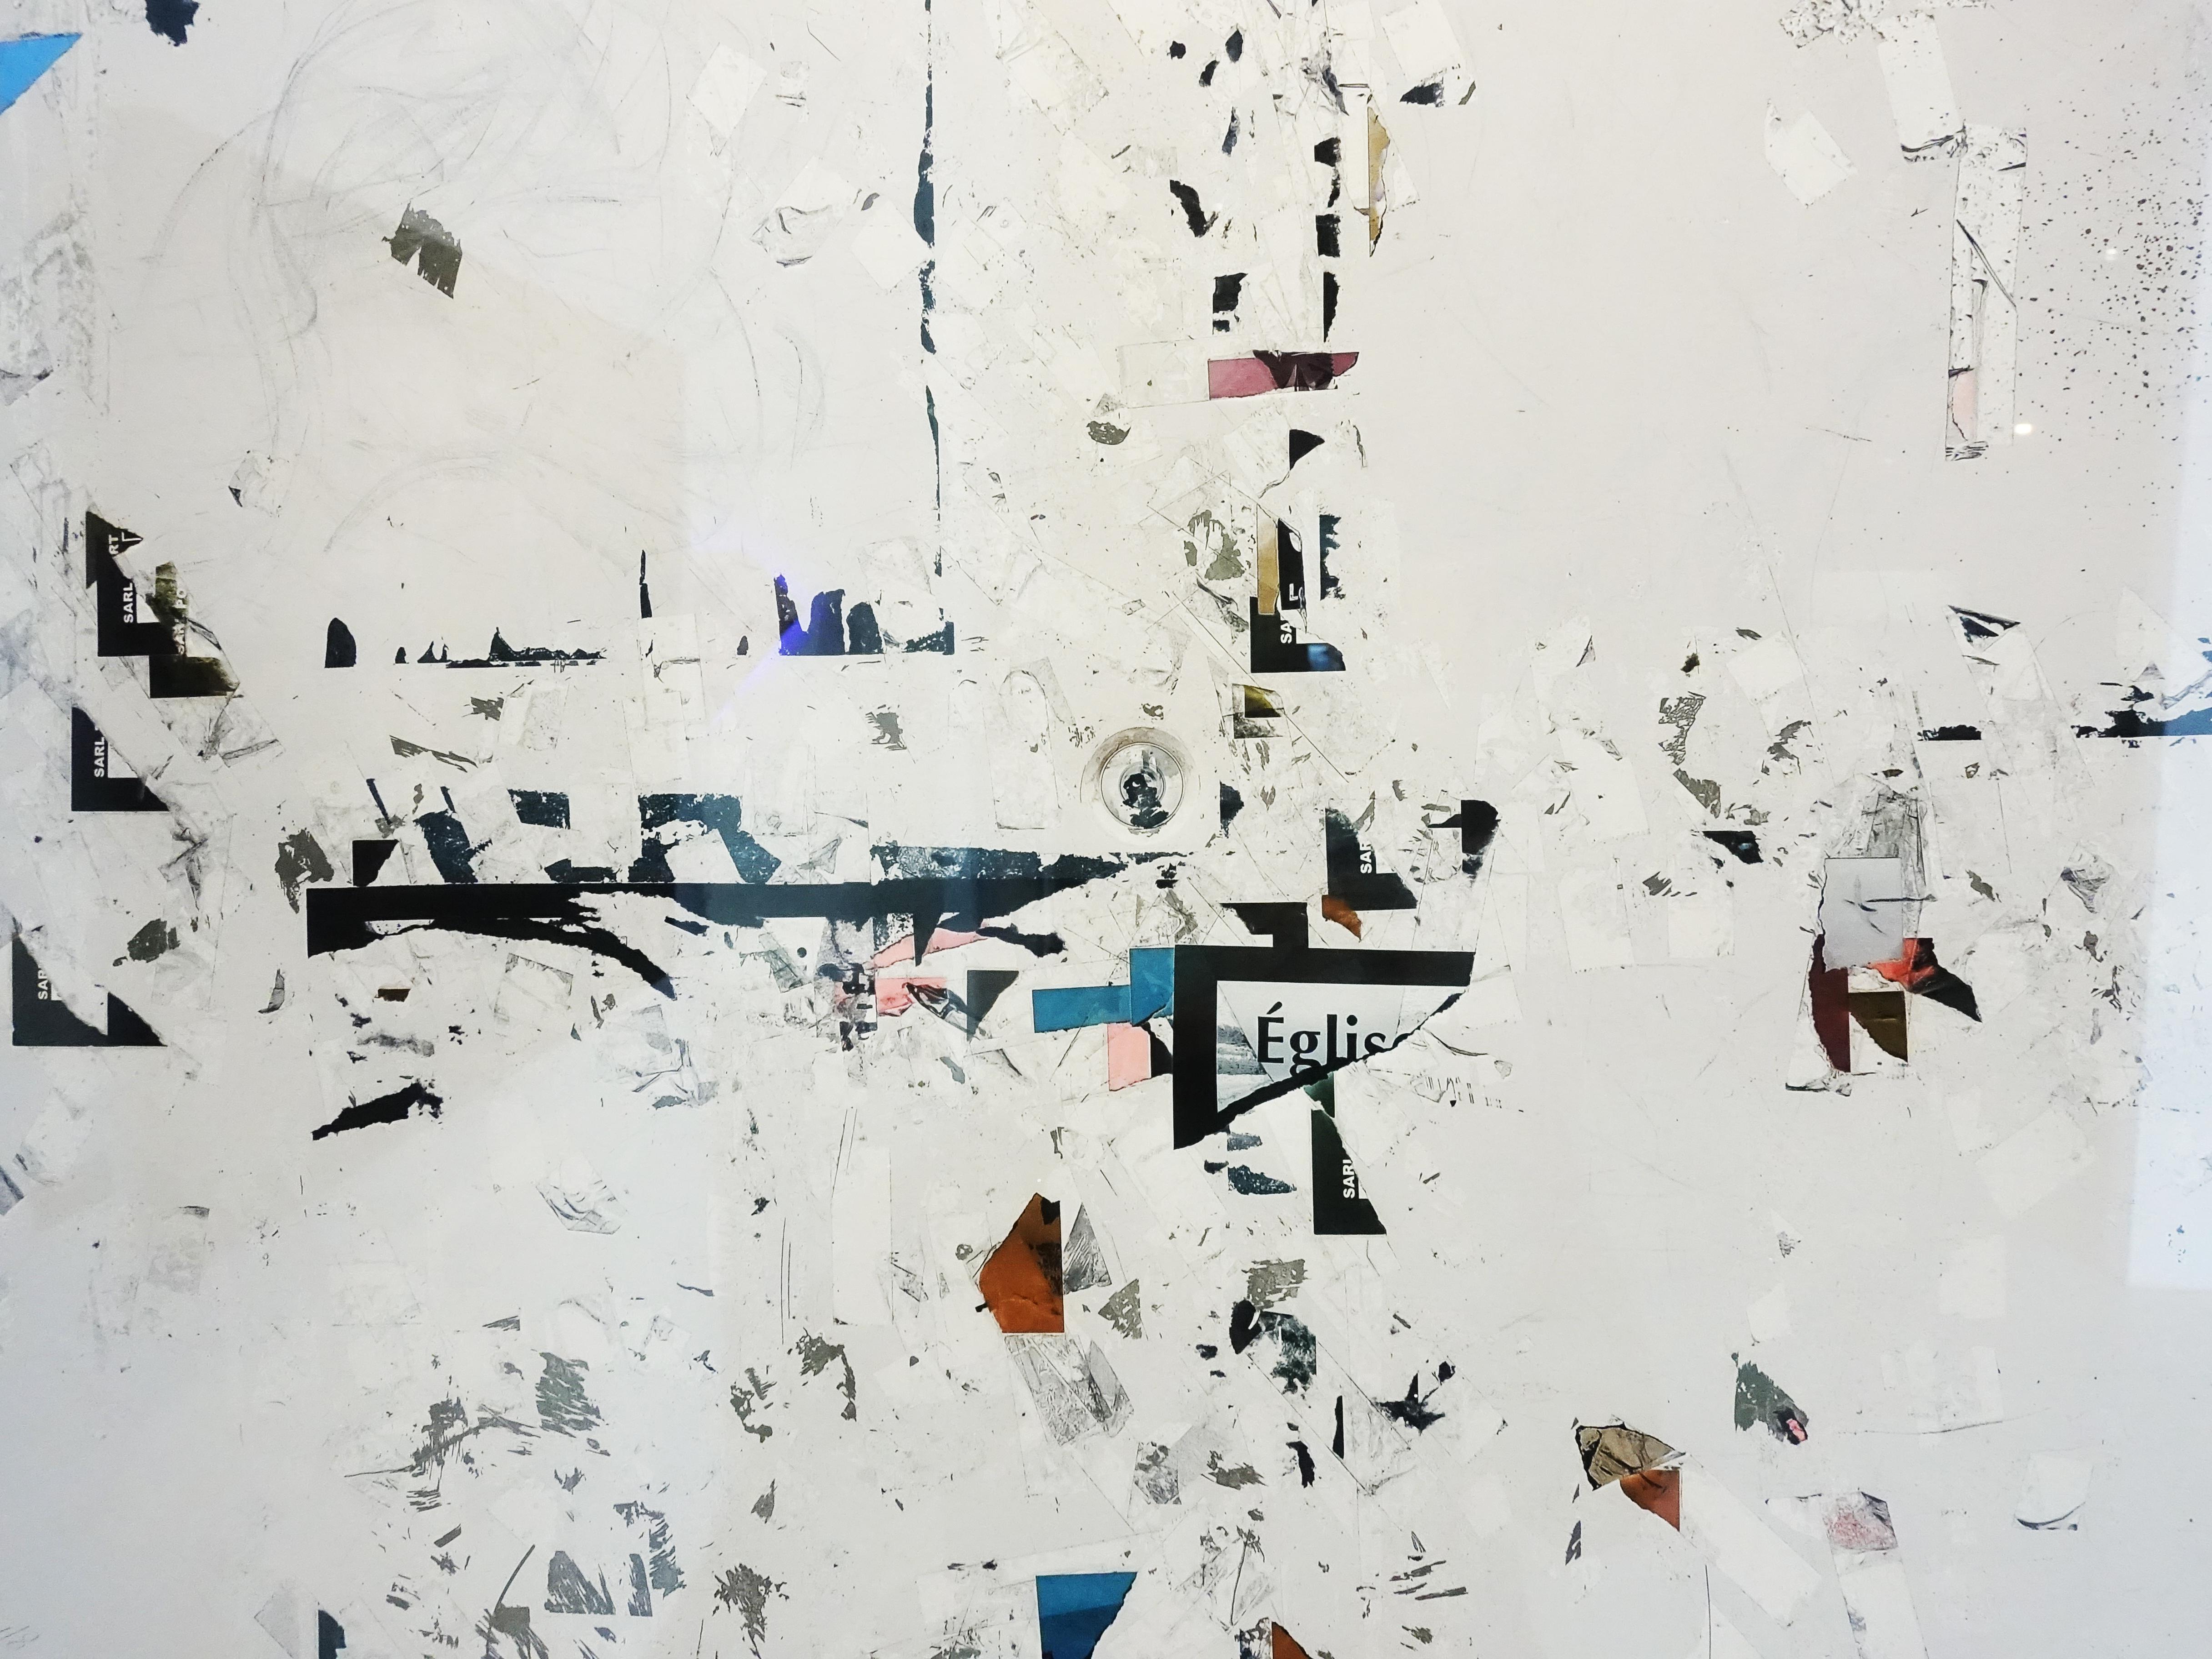 小山俊孝,《後當代表現主義#28_W》細節,24 x 17 in,攝影、無酸藝術紙,2017。